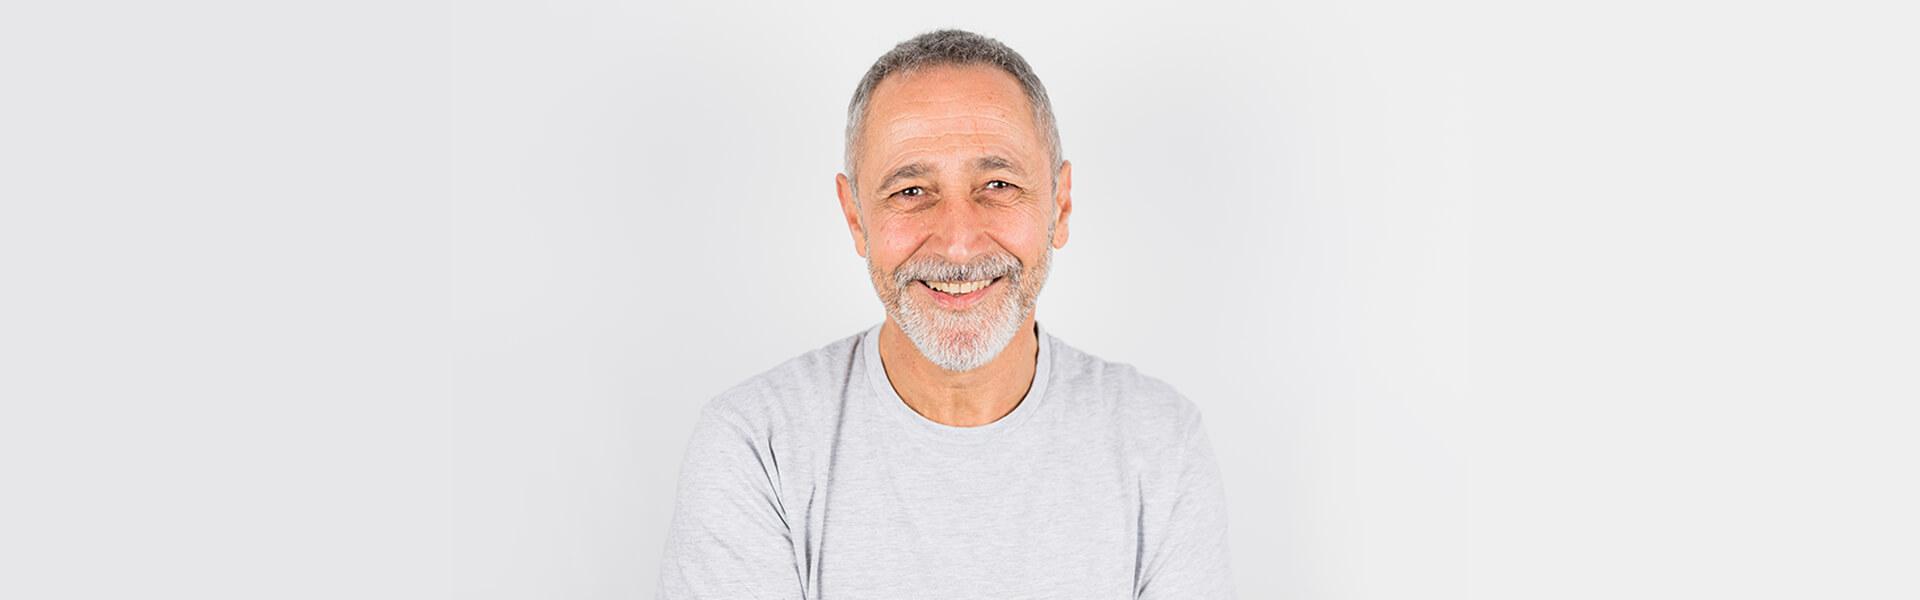 Smiling Aged Man